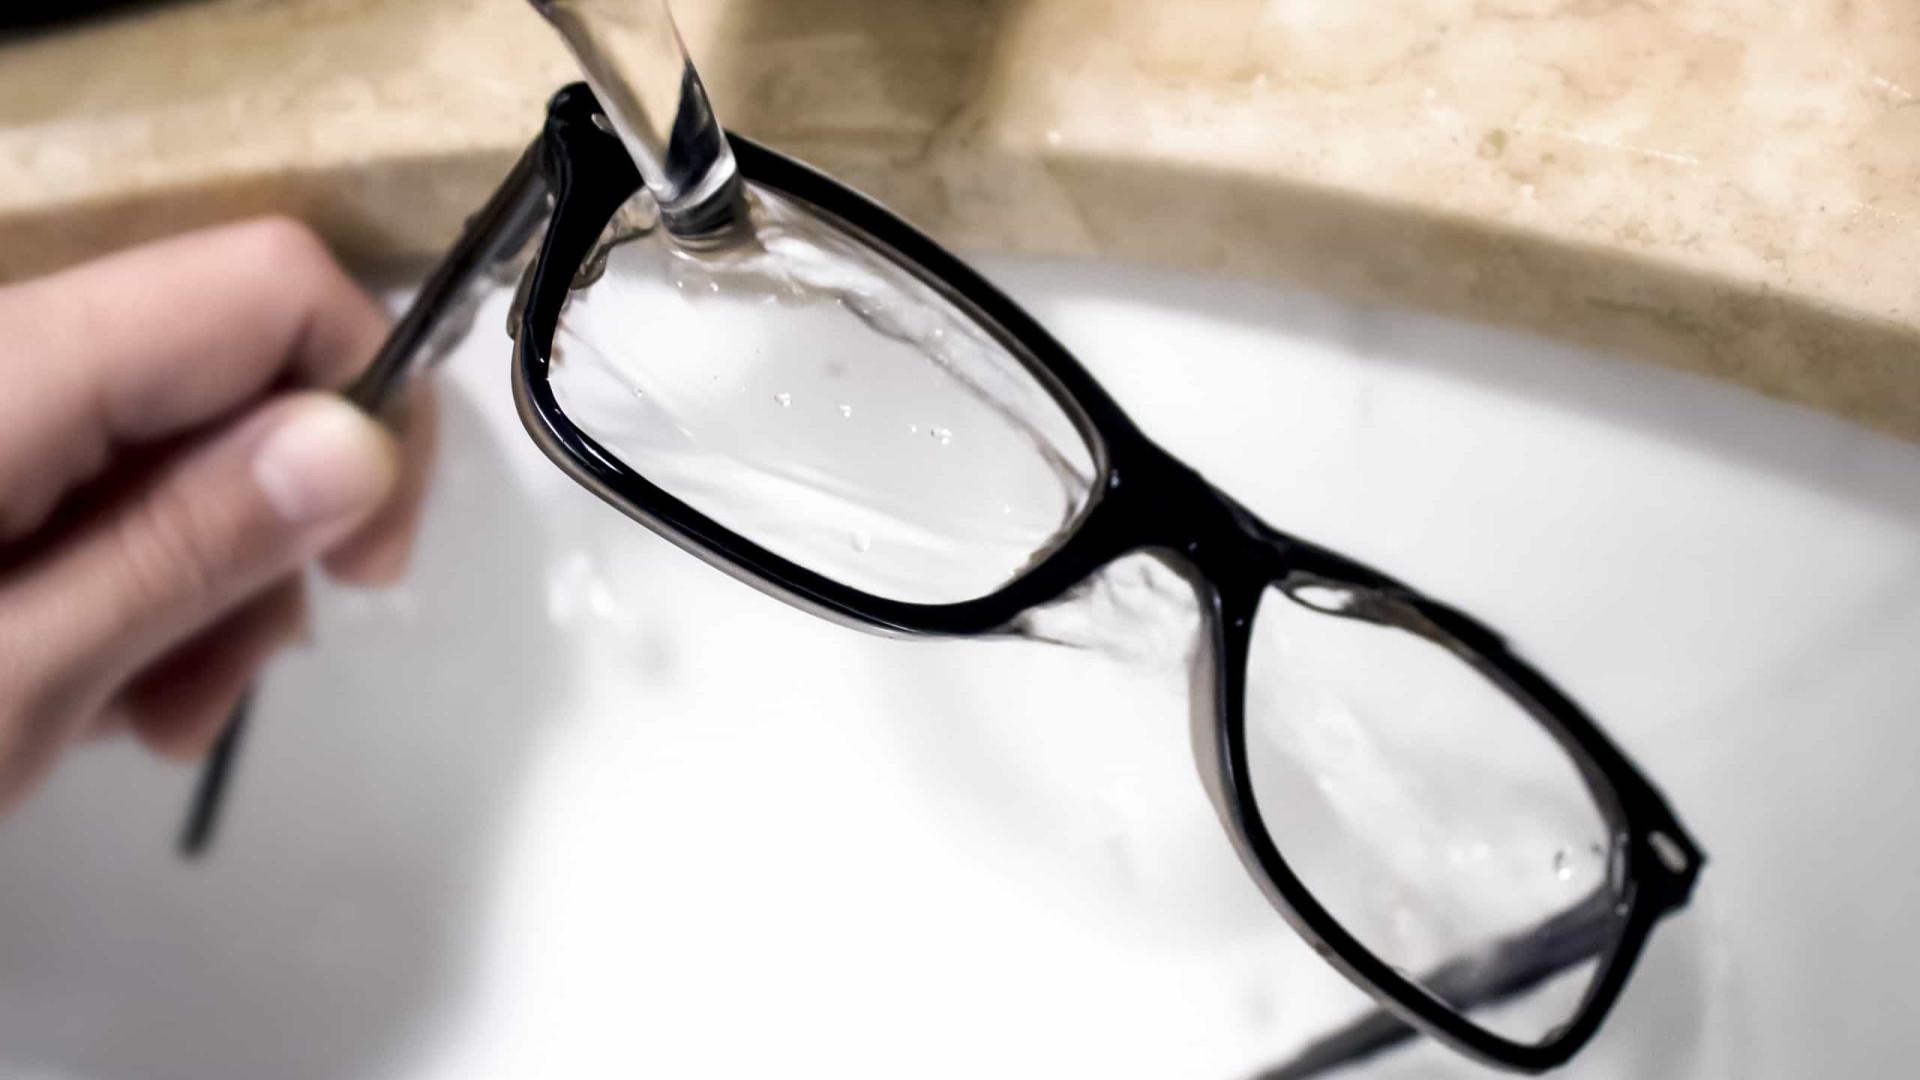 A importância de desinfectar os óculos. Quatro passos obrigatórios